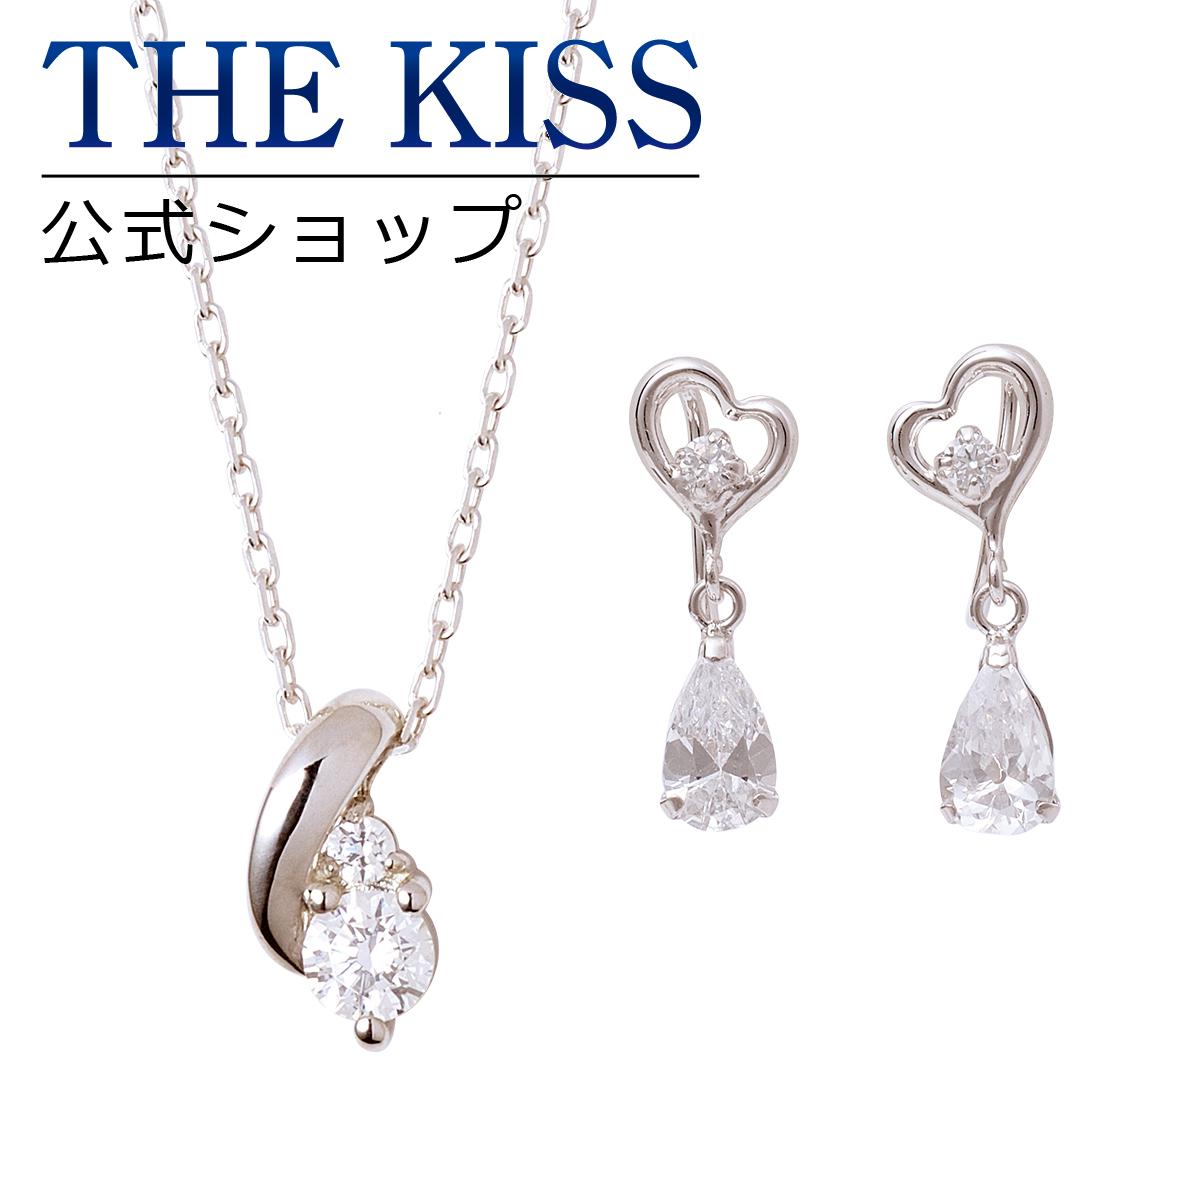 【あす楽対応】【THE KISS sweets】 レディースセット /レディースネックレス / レディースイヤリング / シルバー ネックレス / ホワイトゴールド イヤリング / THE KISS イヤリング ネックレス K10 SPD262CB-AL-E003CB セット シンプル ザキス 【送料無料】